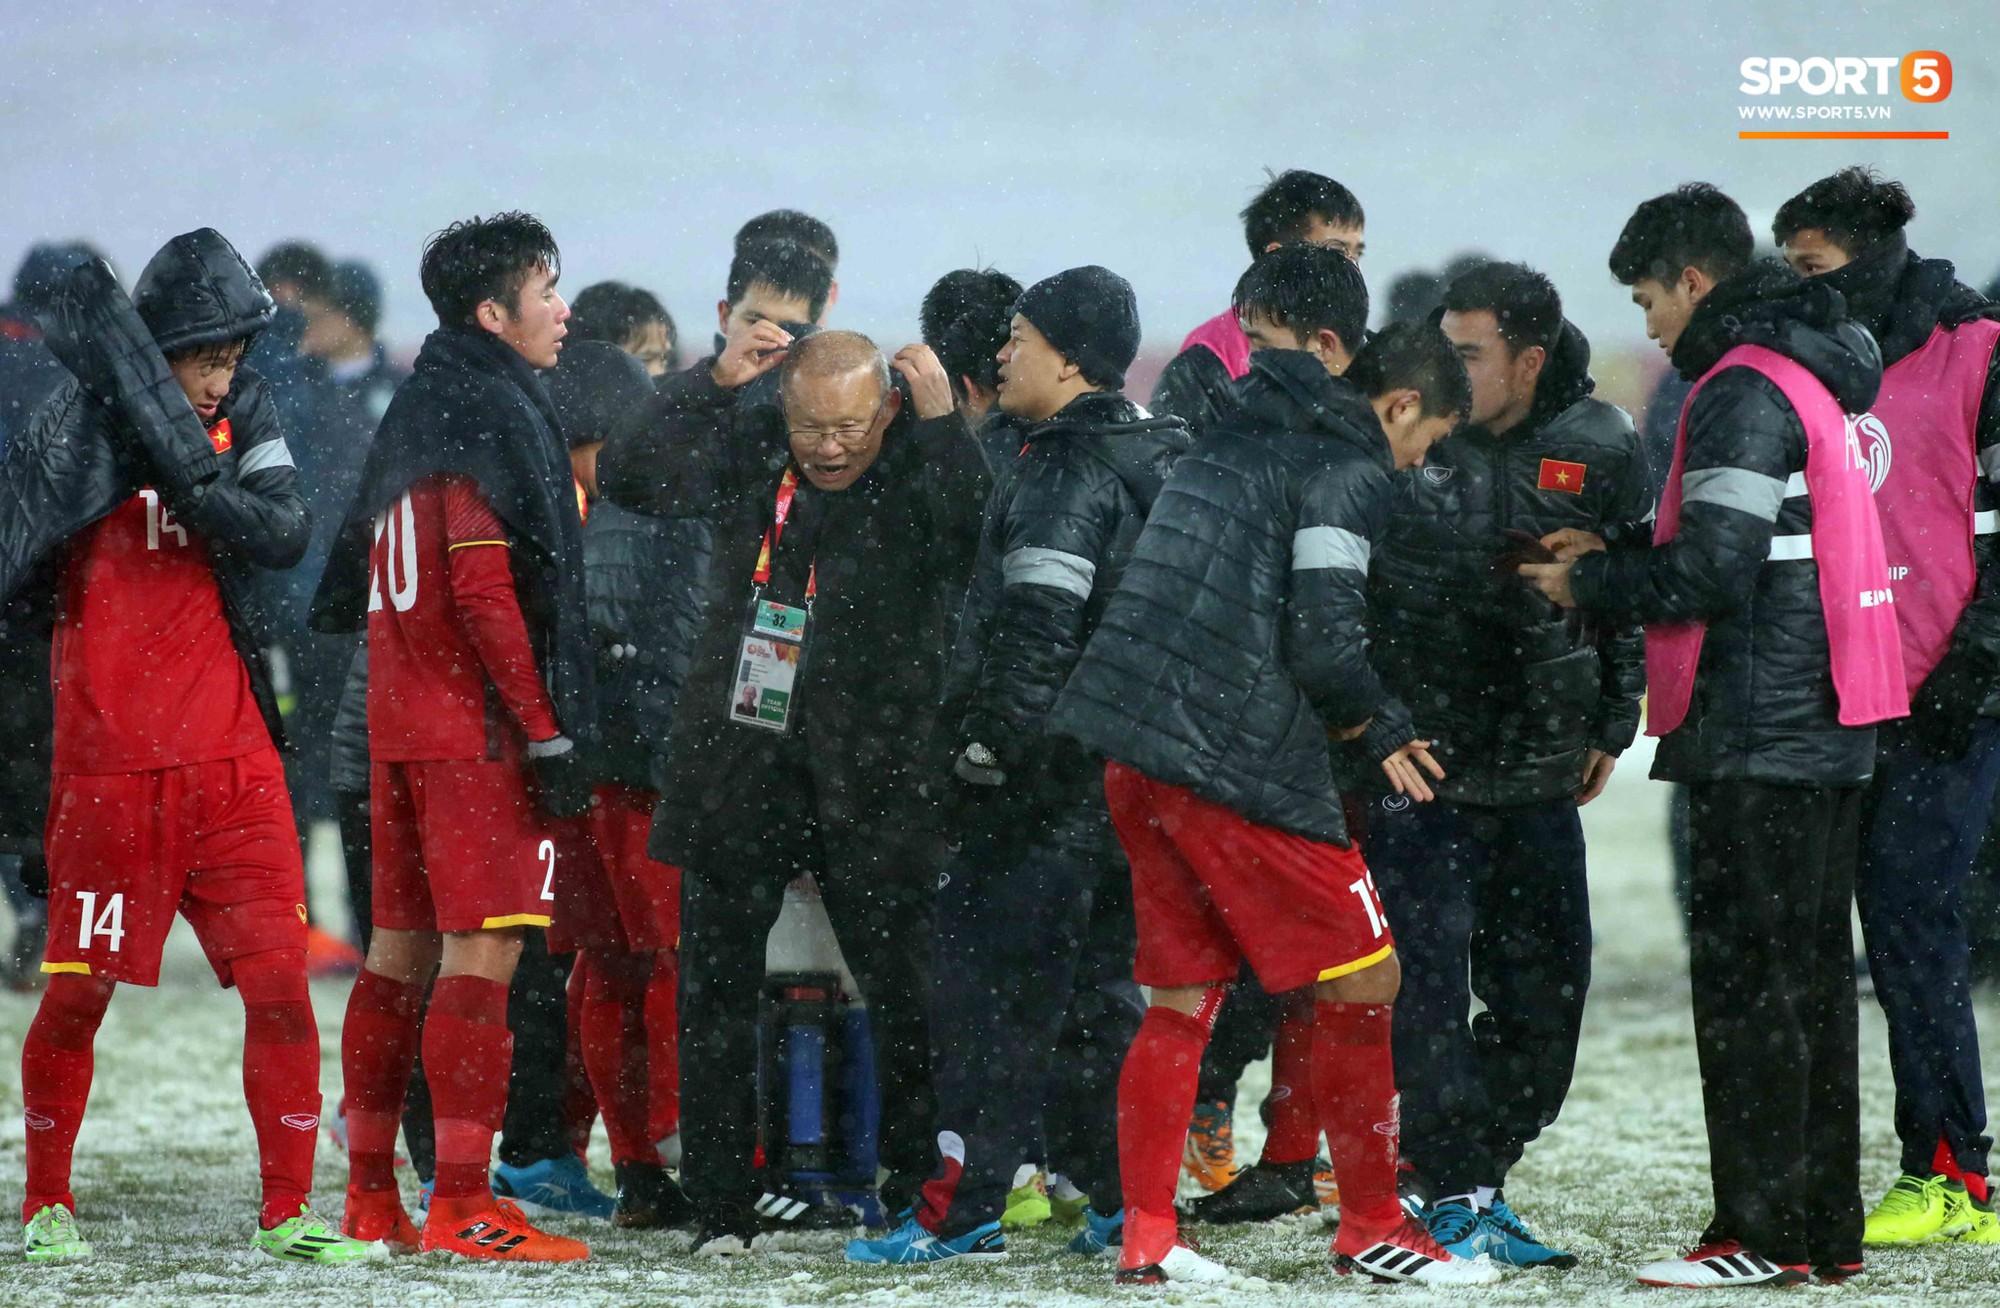 HLV Park Hang Seo bước sang tuổi 60: Từ sinh viên nghiên cứu thảo mộc đến huyền thoại bóng đá Việt Nam-22